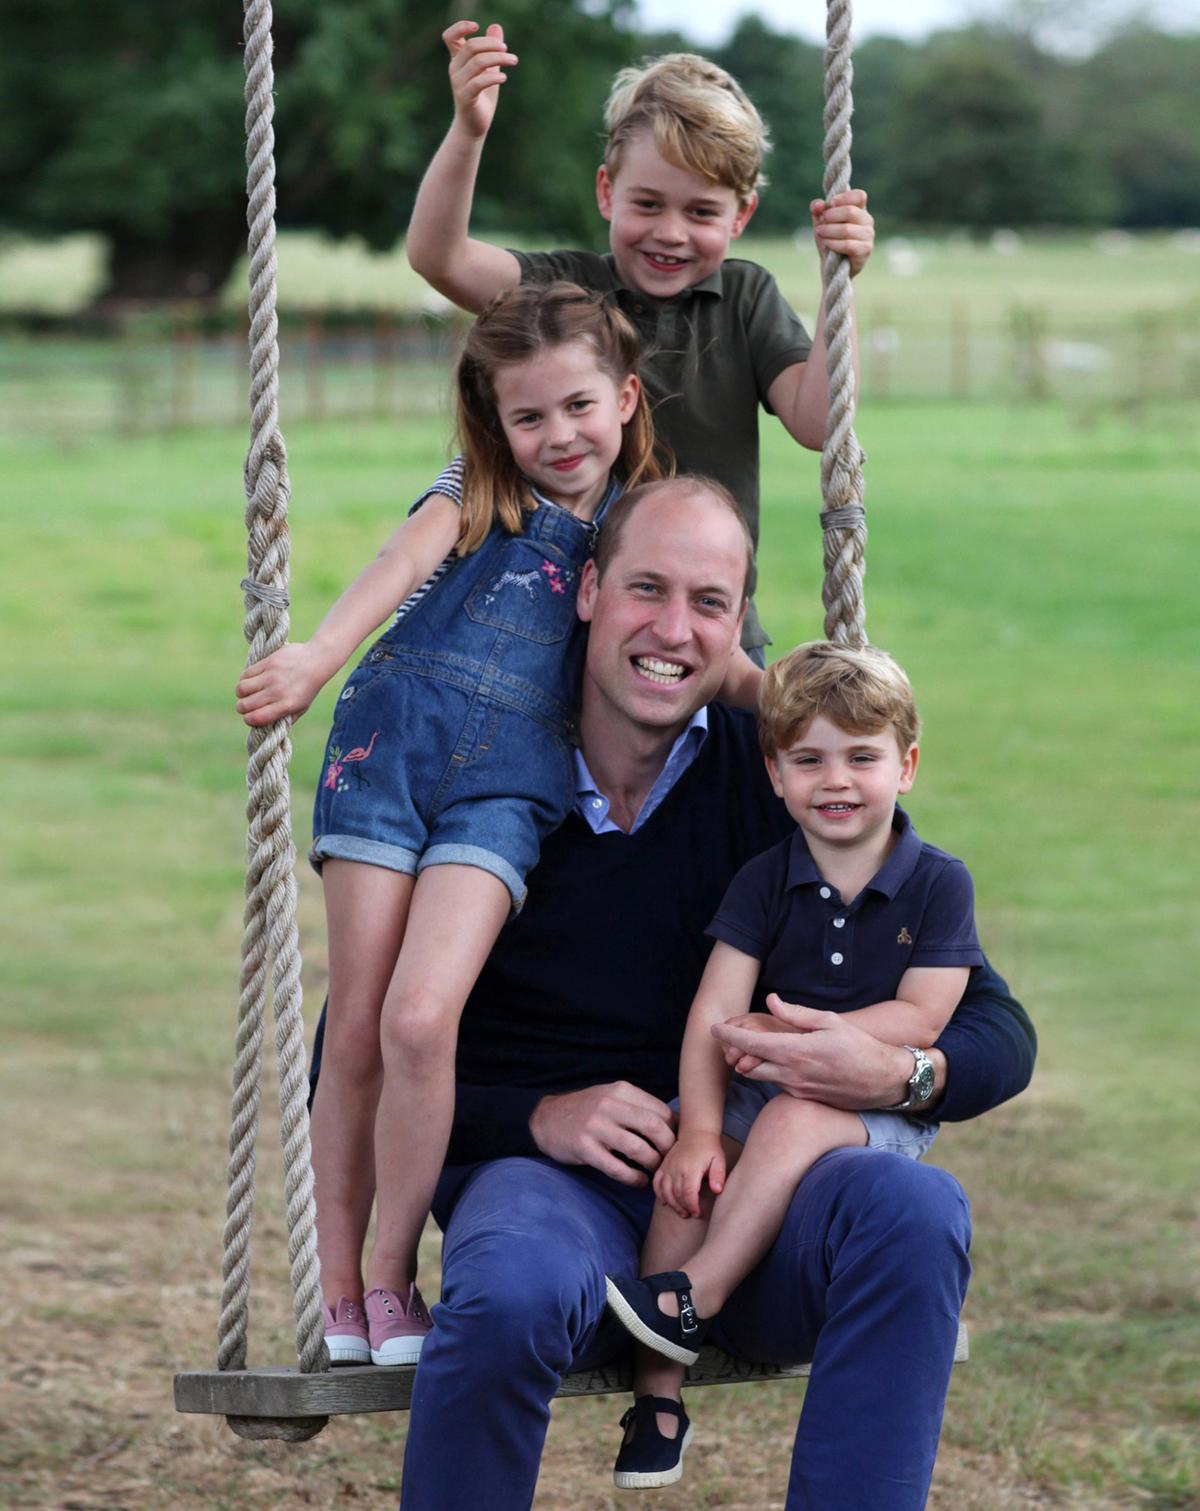 Королевский фотограф назвал свой любимый снимок среди фоторабот Кейт Миддлтон